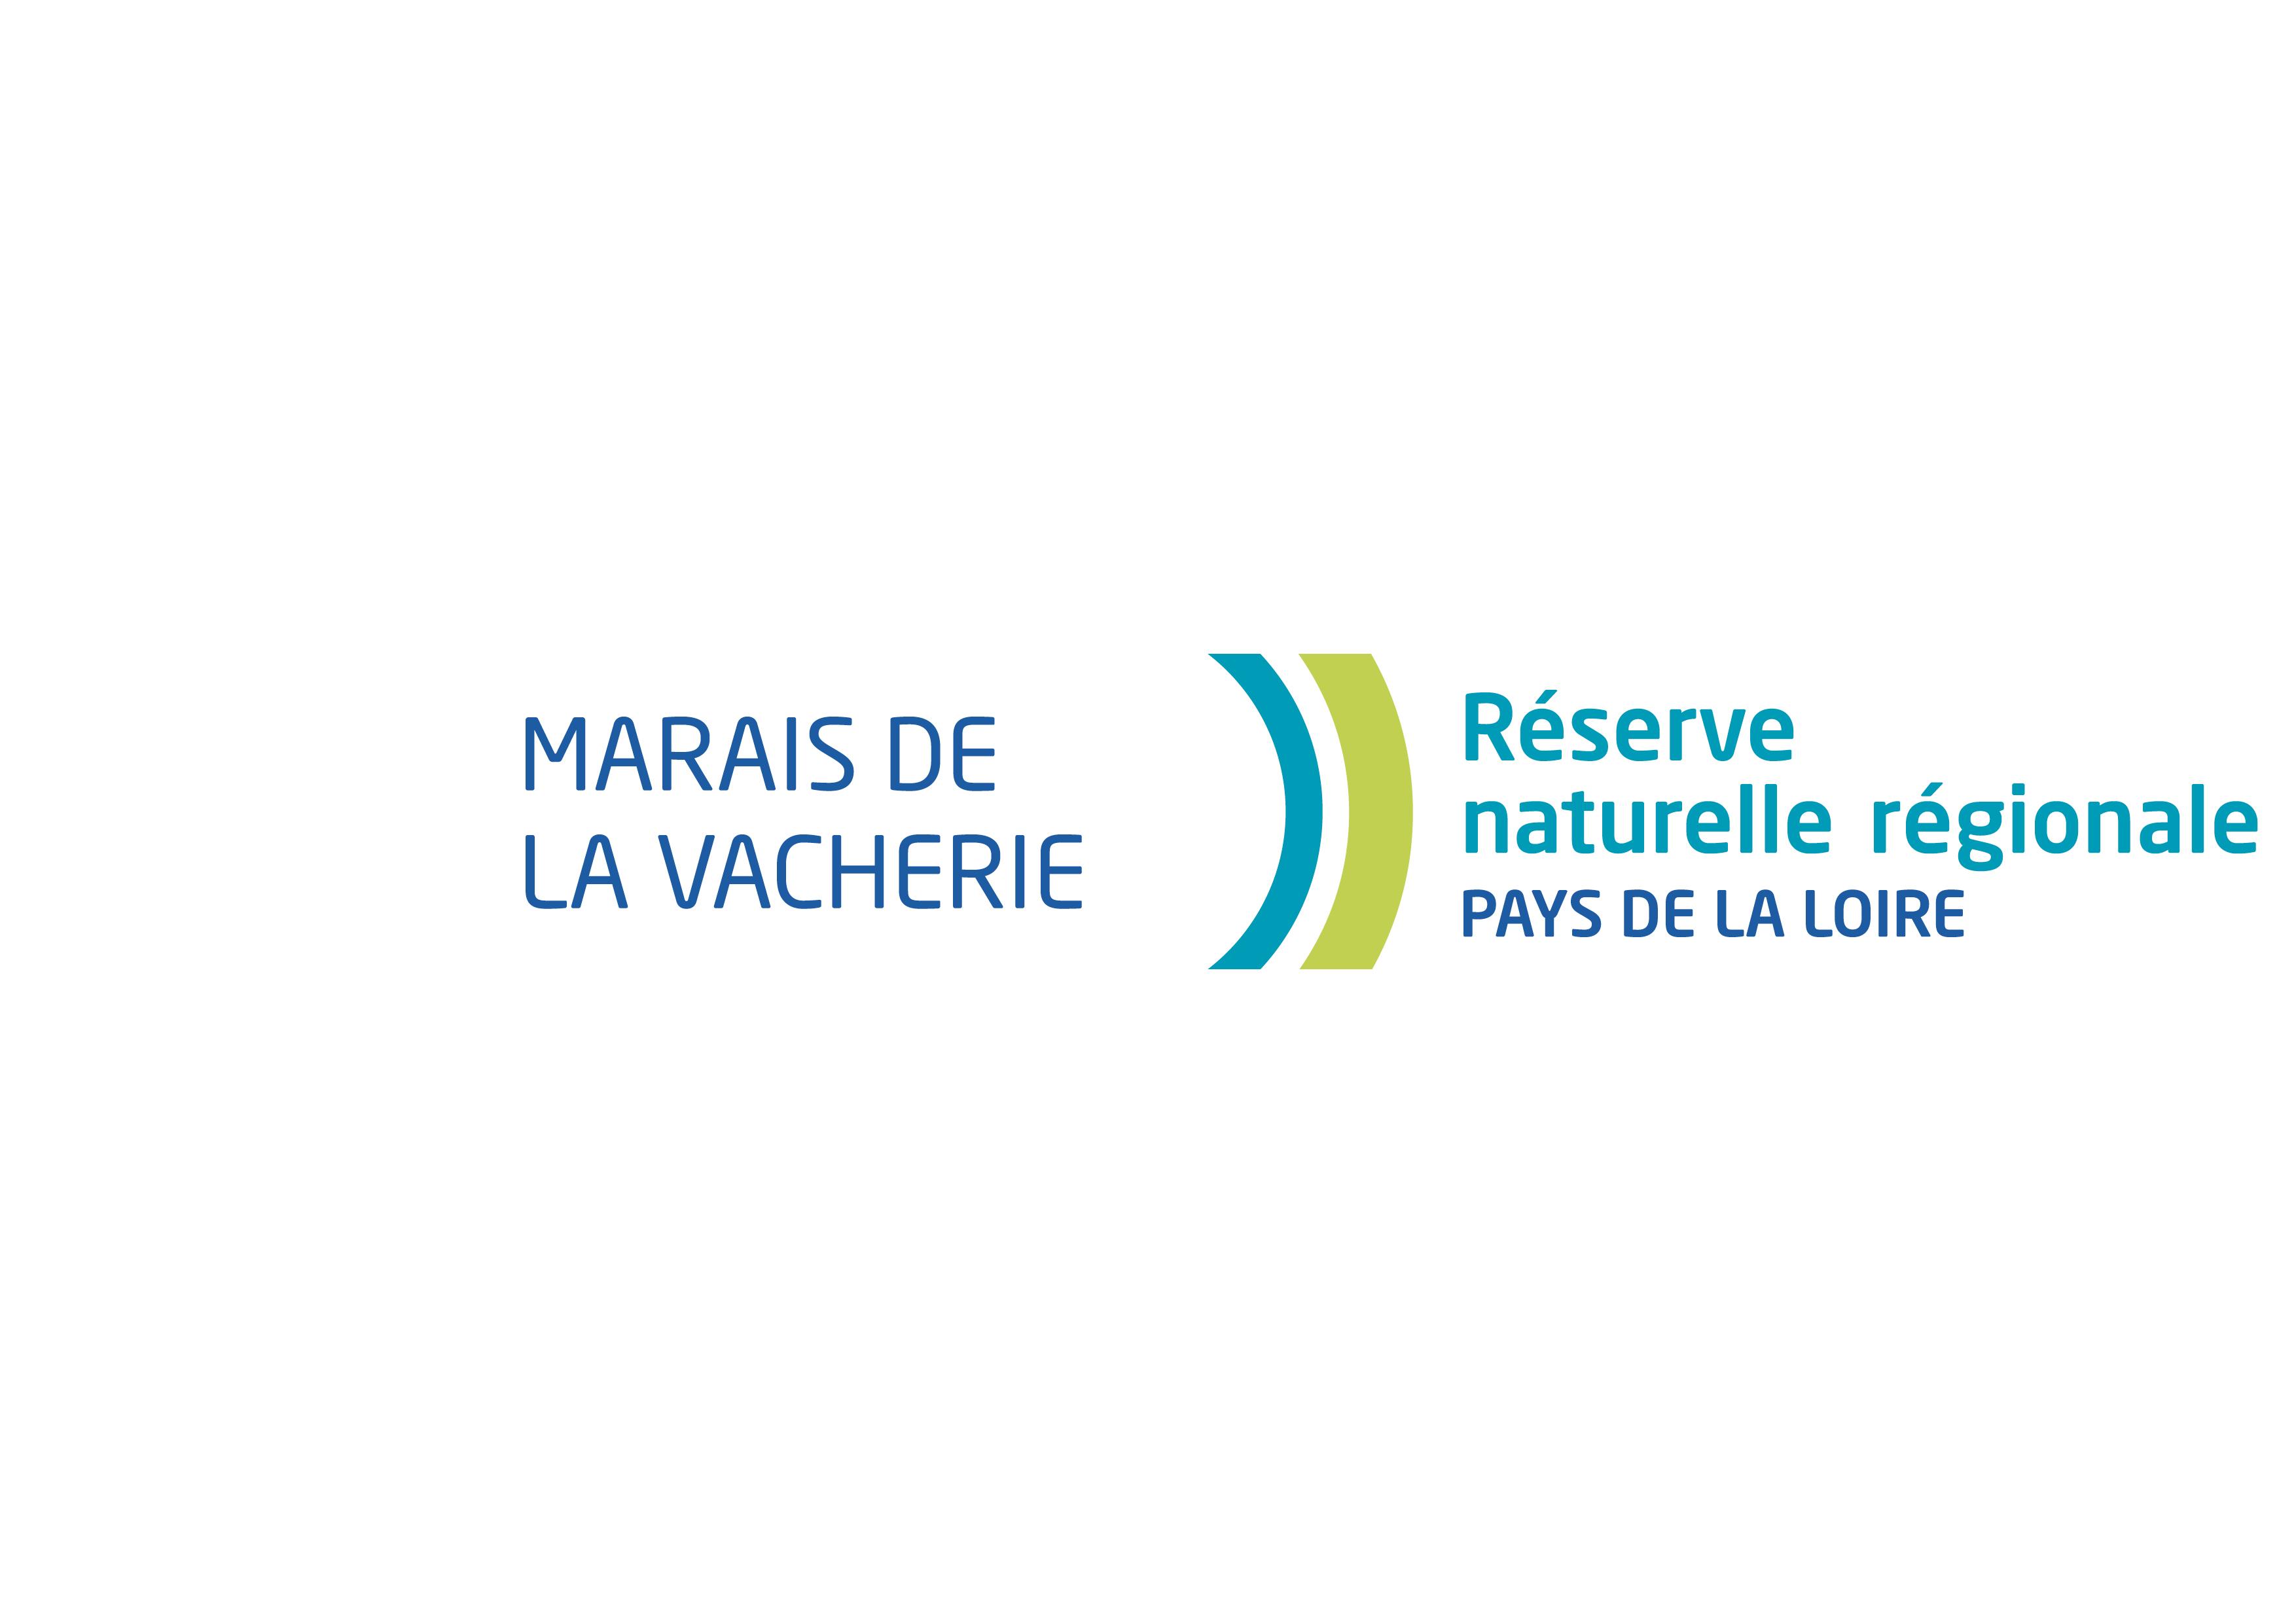 Réserve Naturelle Régionale Marais de la Vacherie